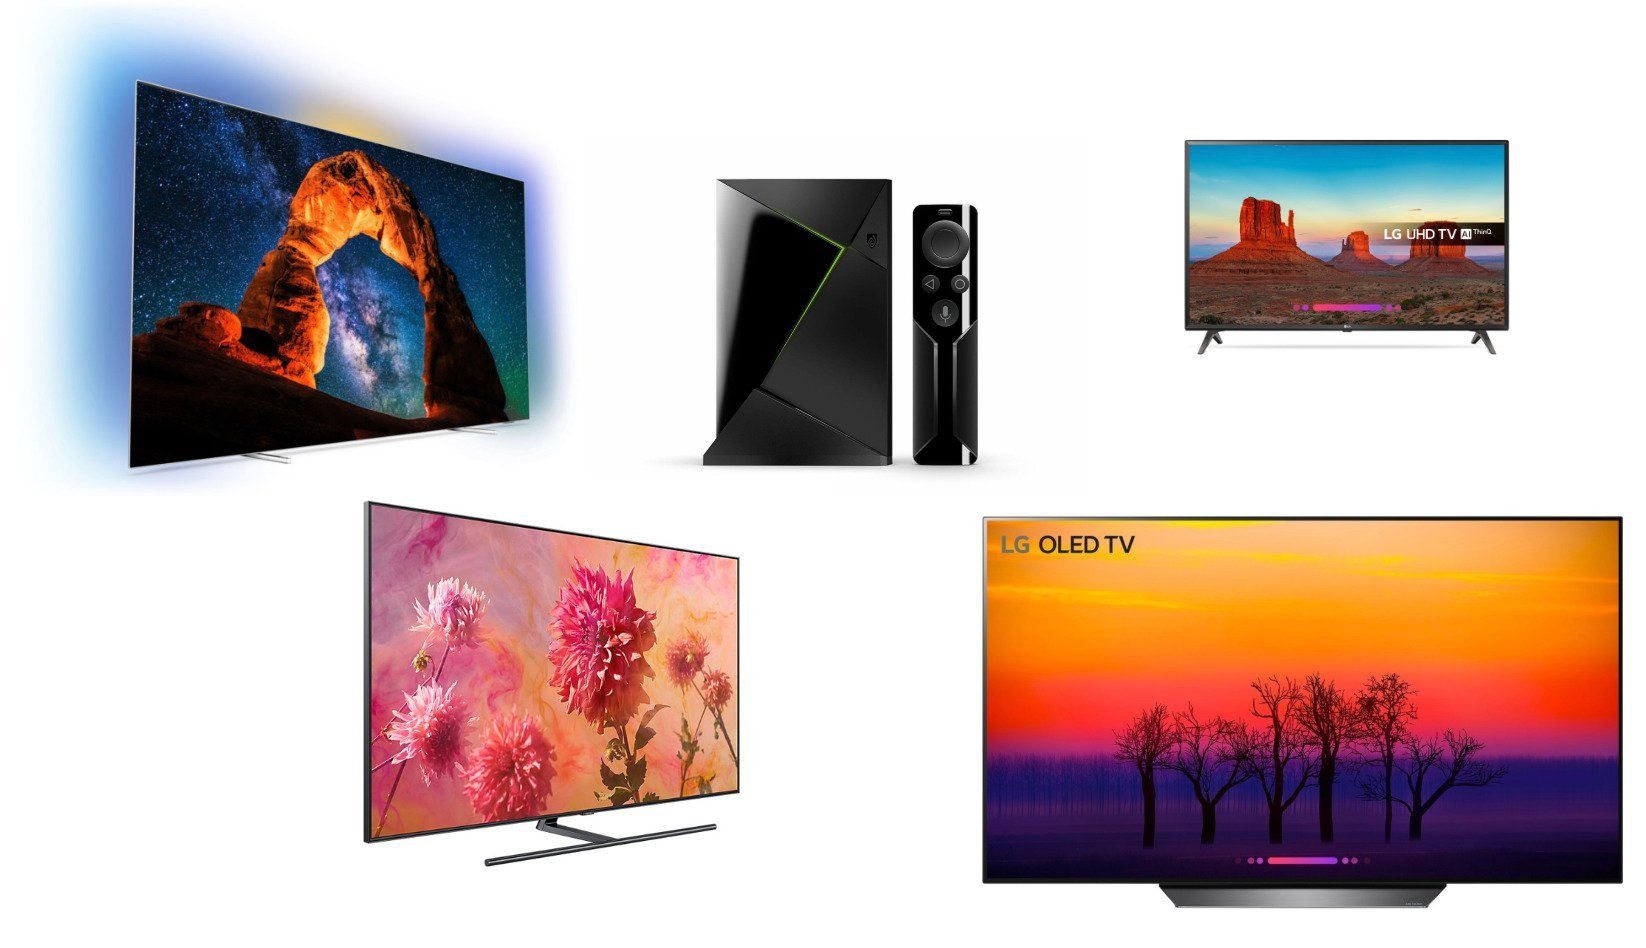 Les meilleures offres de TV 4K HDR (OLED, QLED, VA) pour le Black Friday 2018